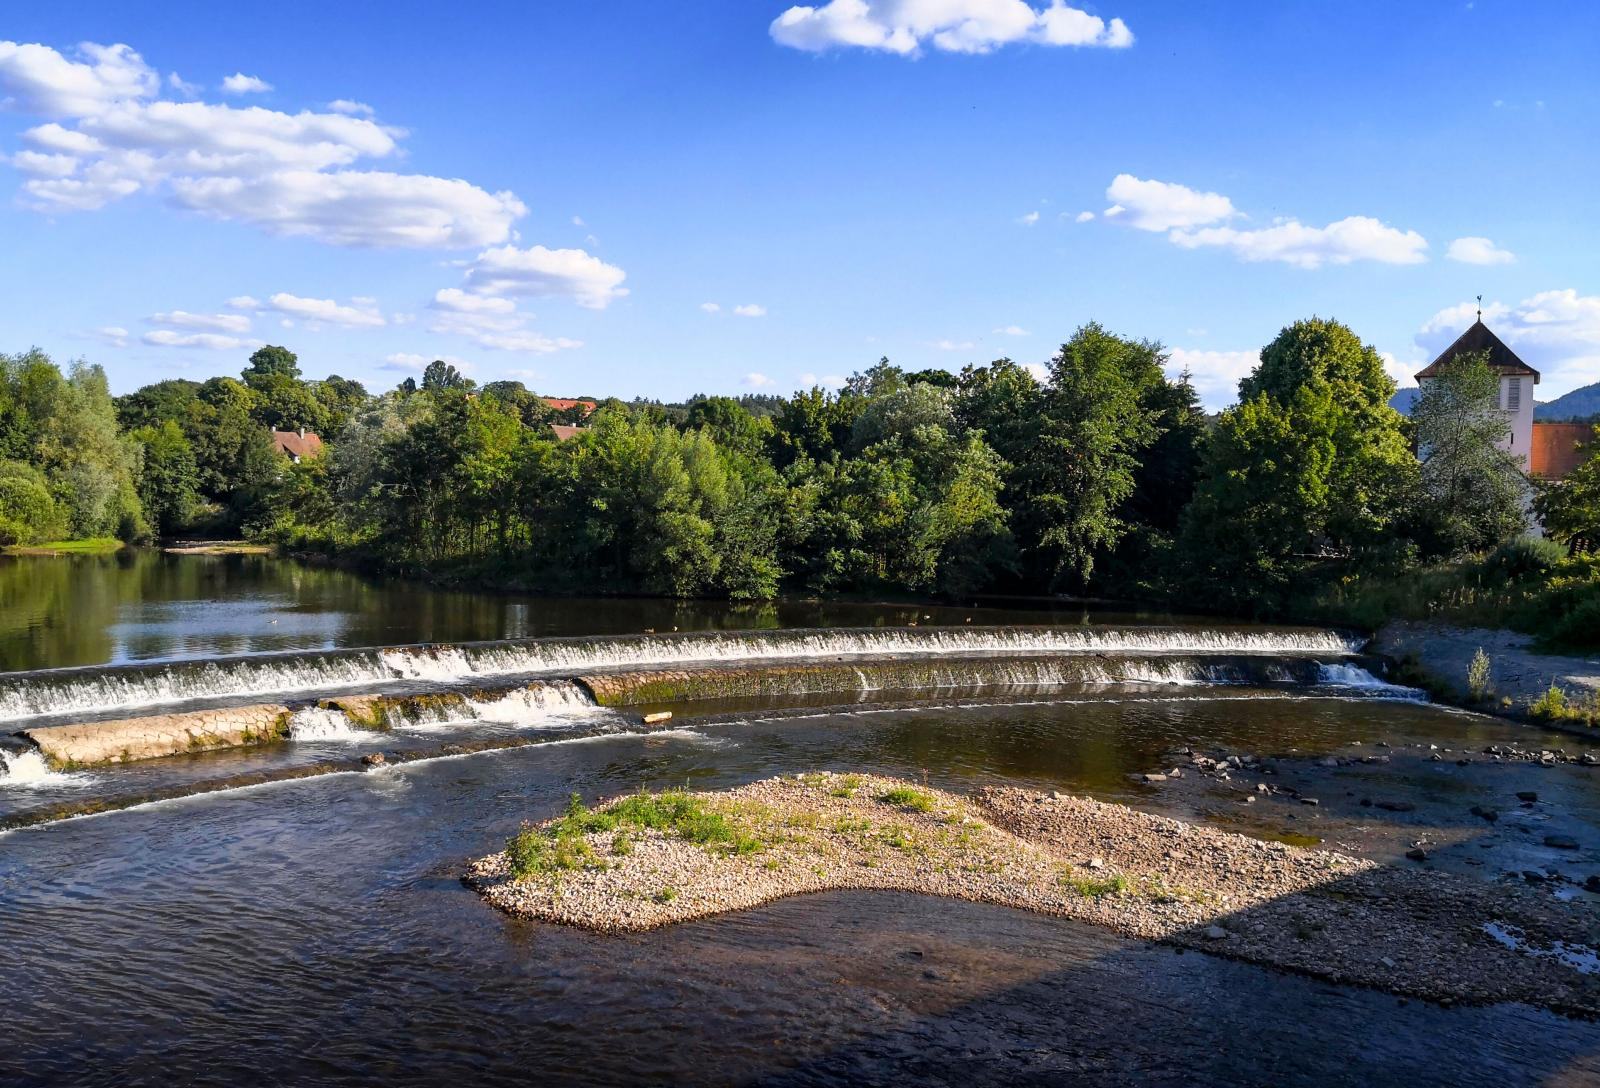 Floden Murgs fördämning ger ett avkopplande brus över nejden.